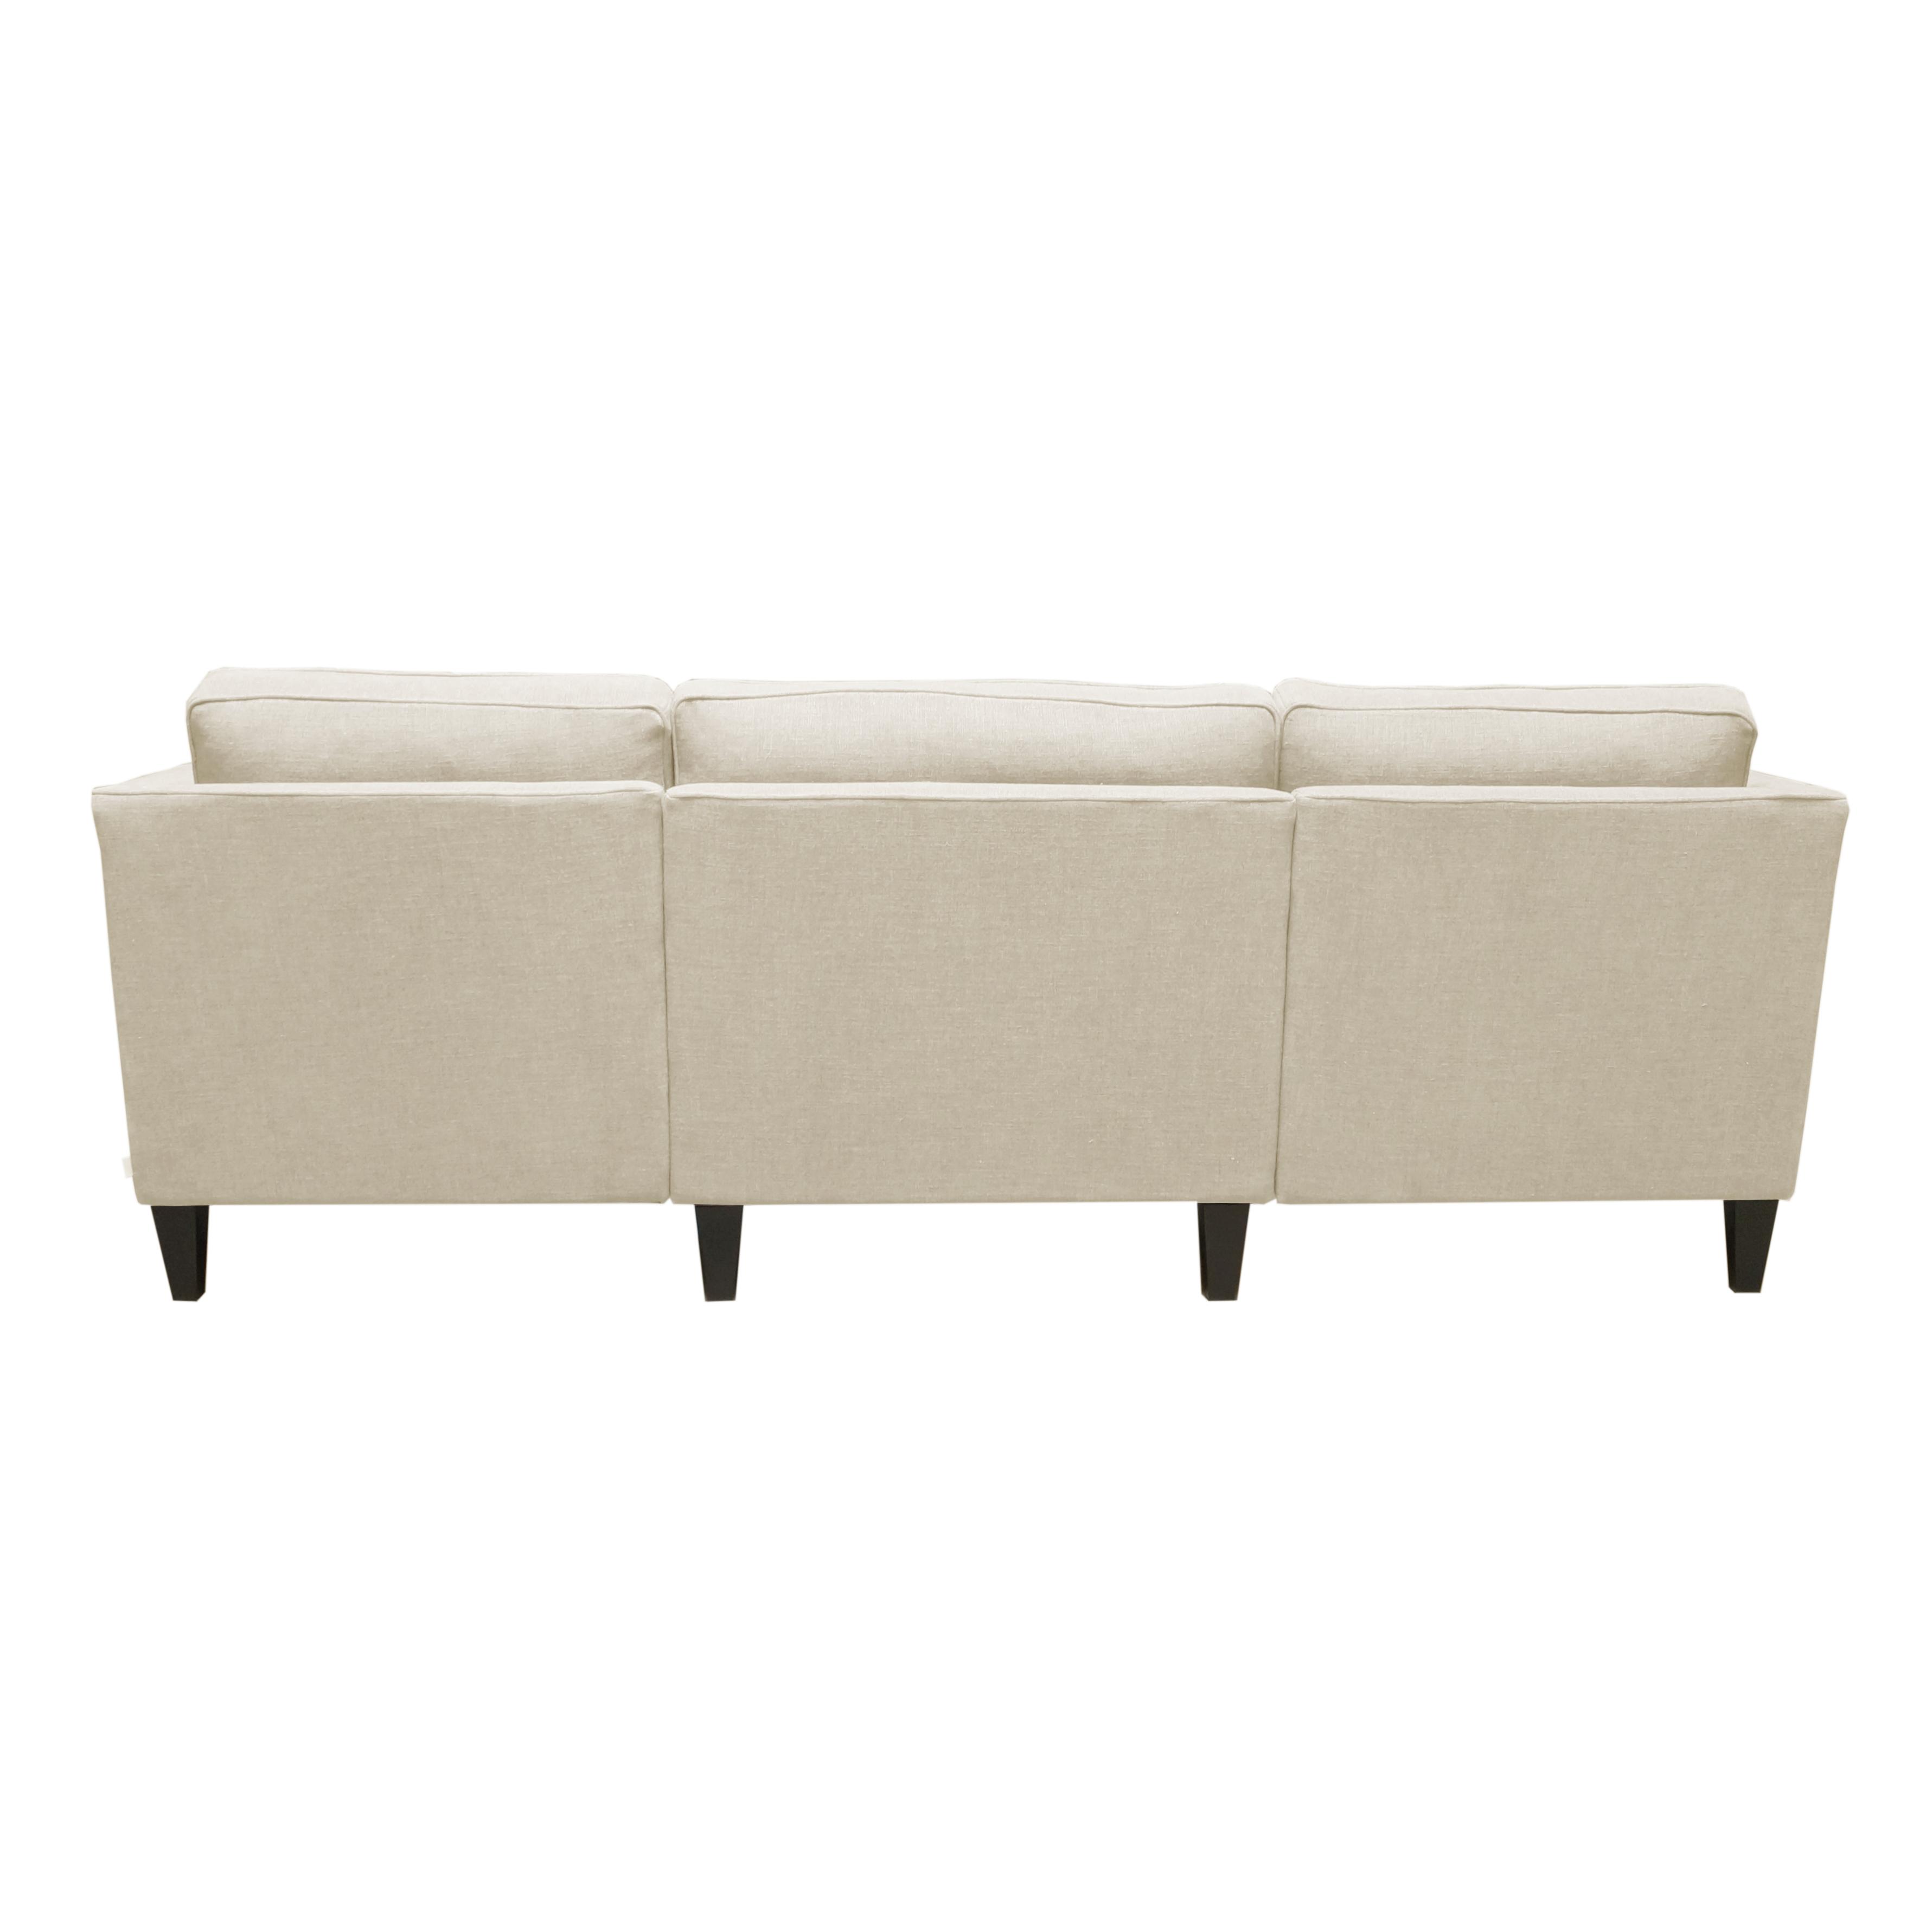 Carlton soffa 3,5-sits bakifrån - englesson.se